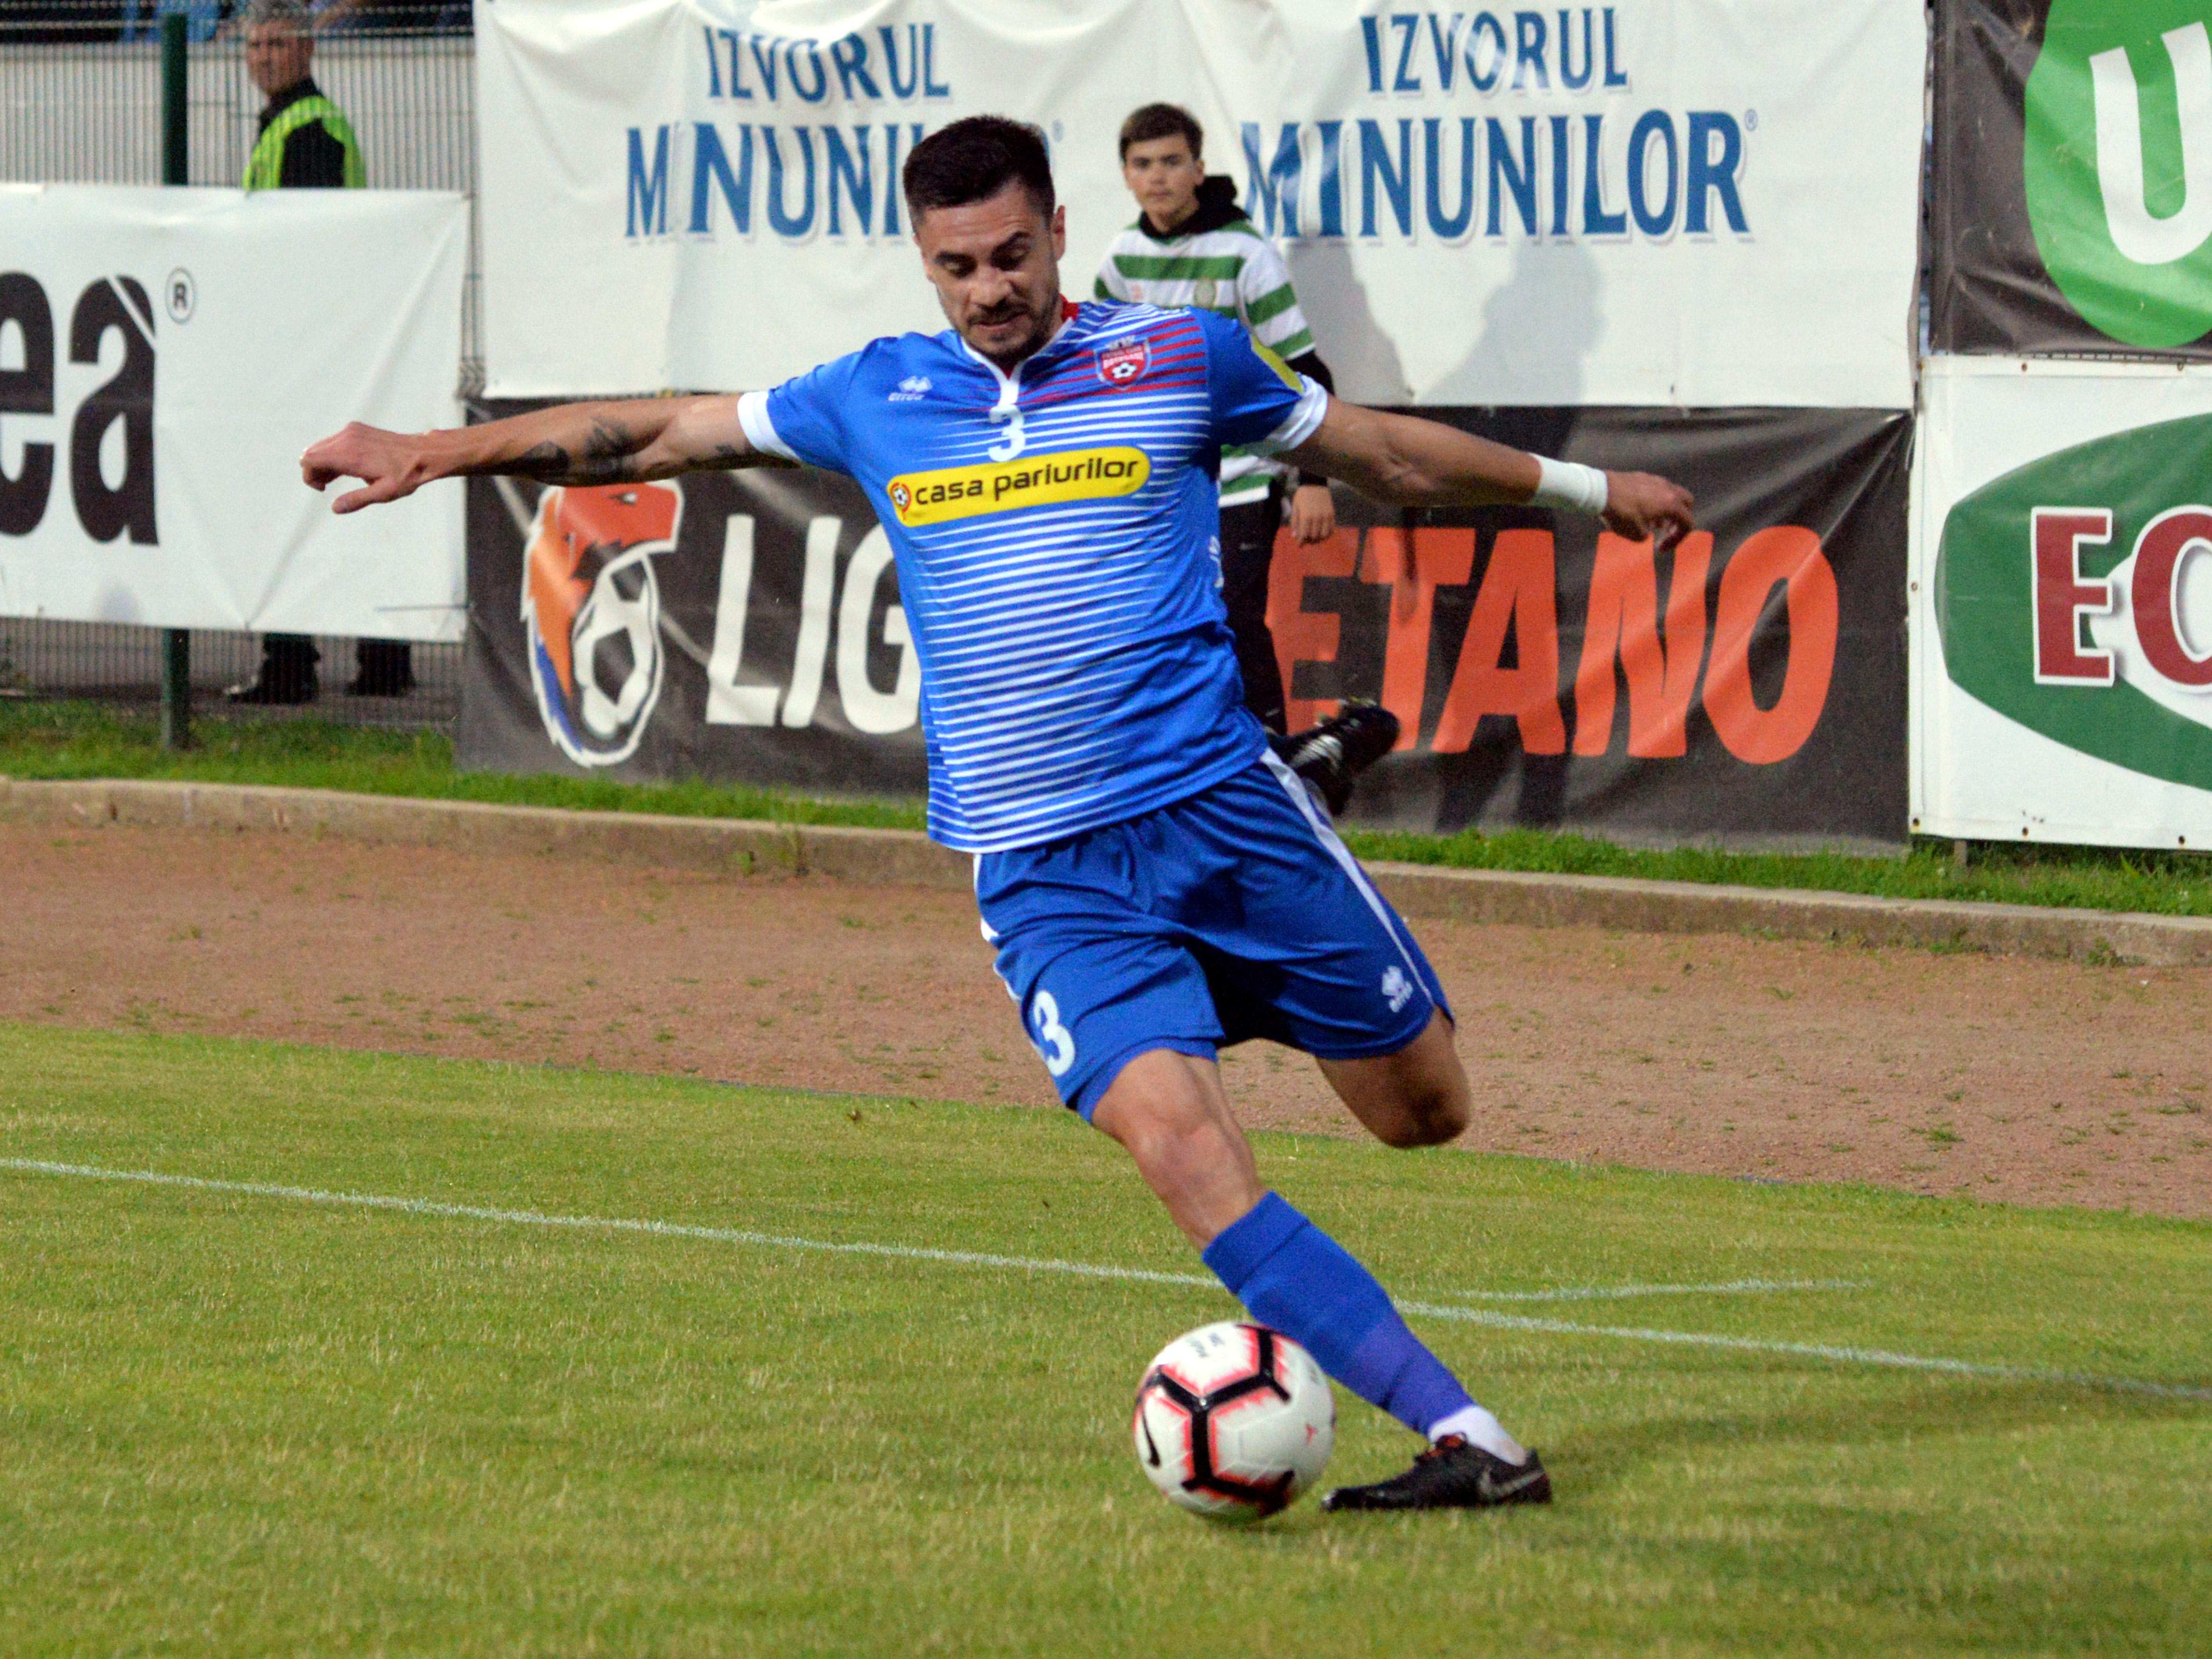 Andrei Burcă îi răspunde lui Iftime după ce patronul Botoșaniului a numit transferul cea mai proastă afacere a sa: